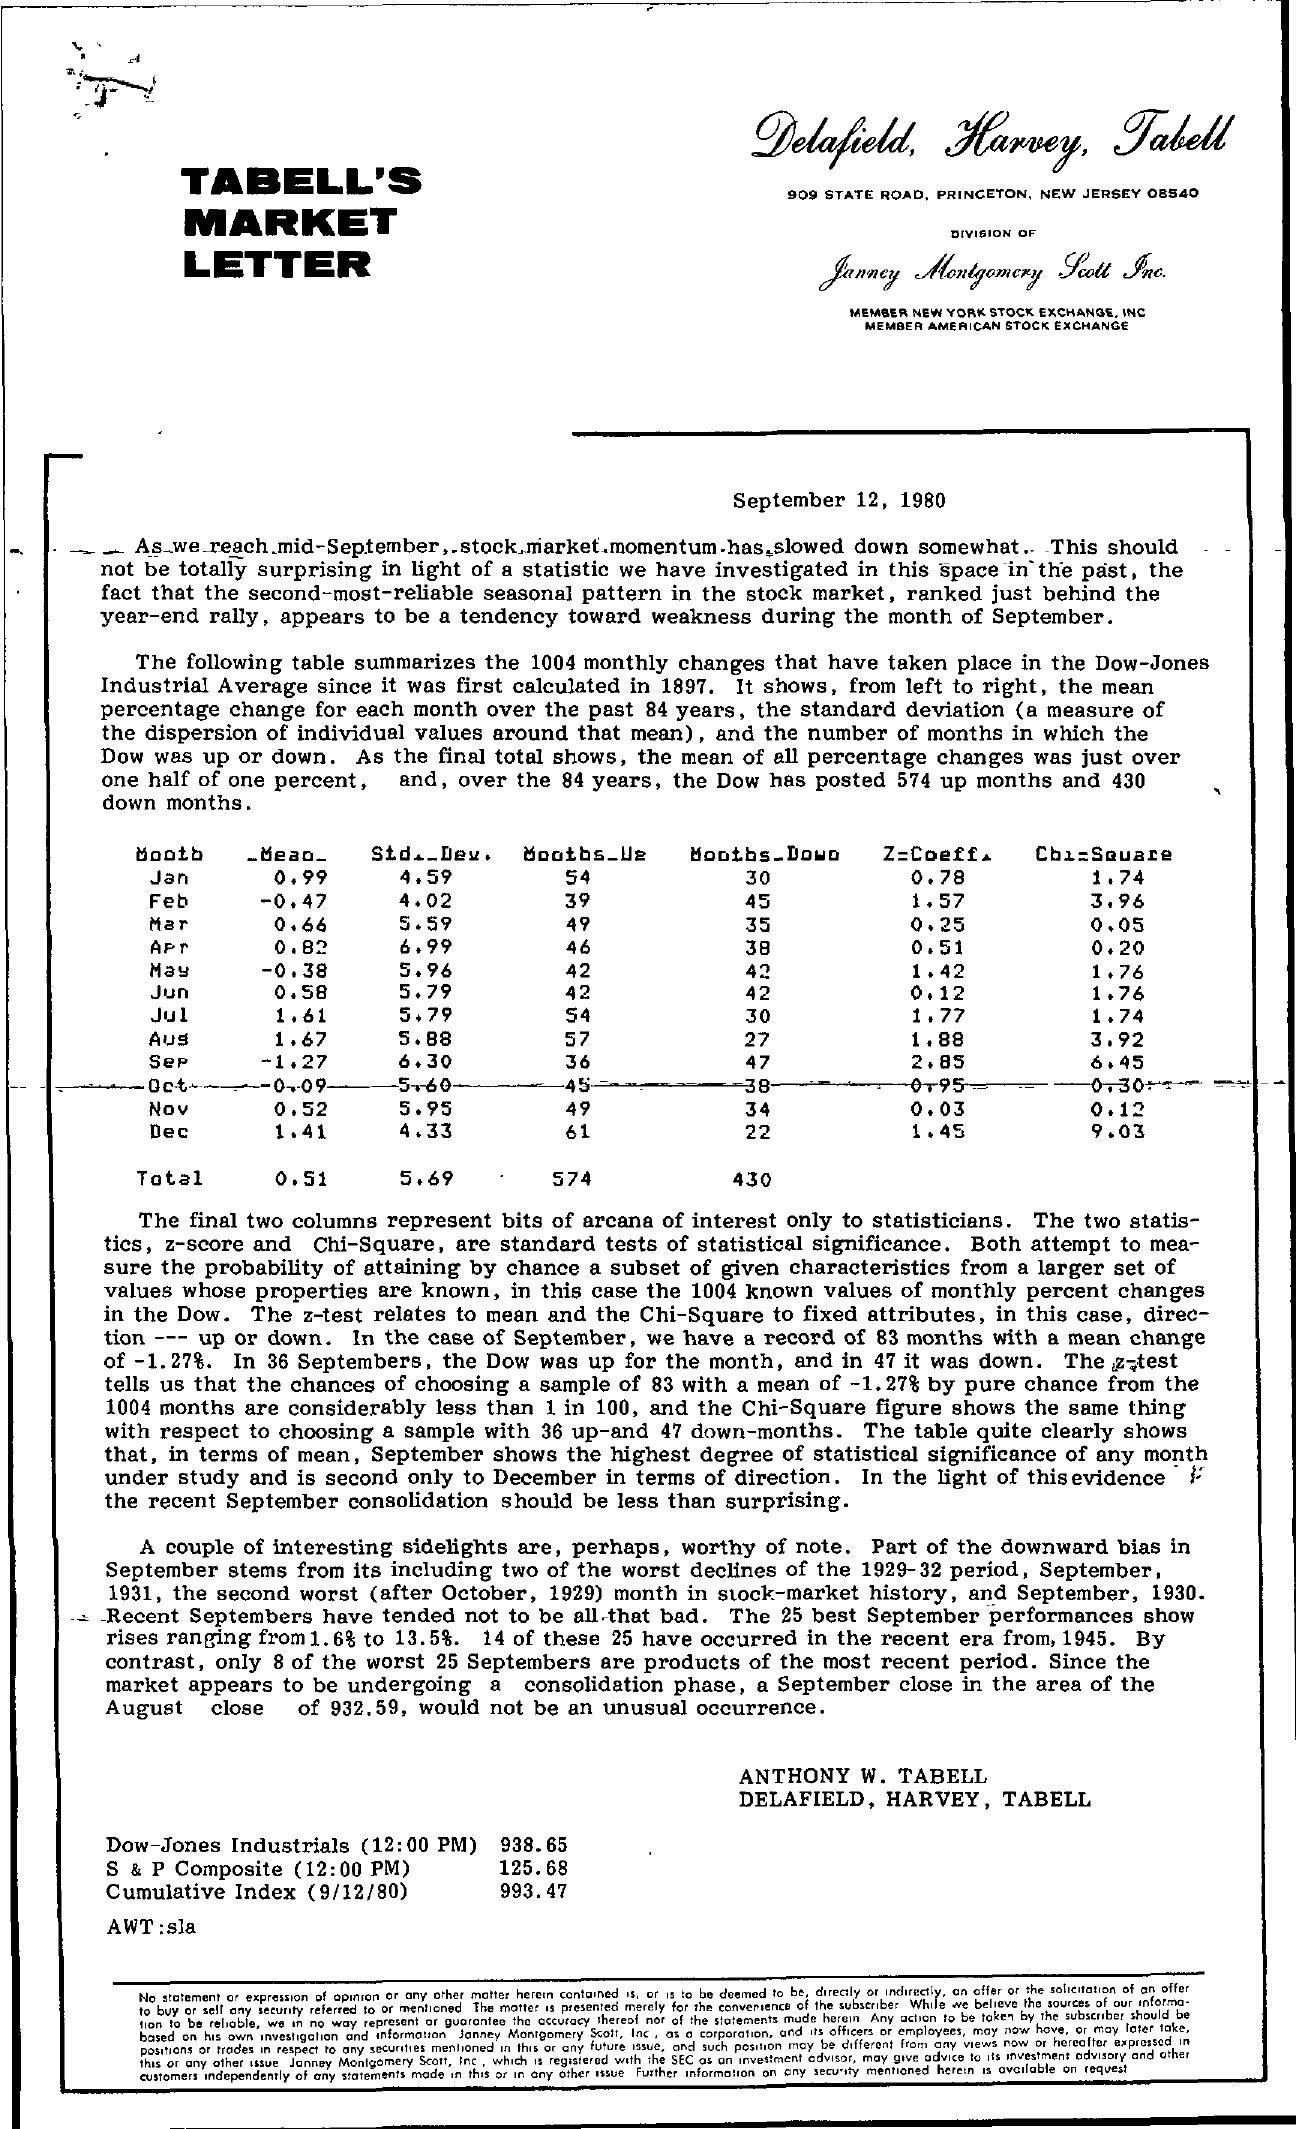 Tabell's Market Letter - September 12, 1980